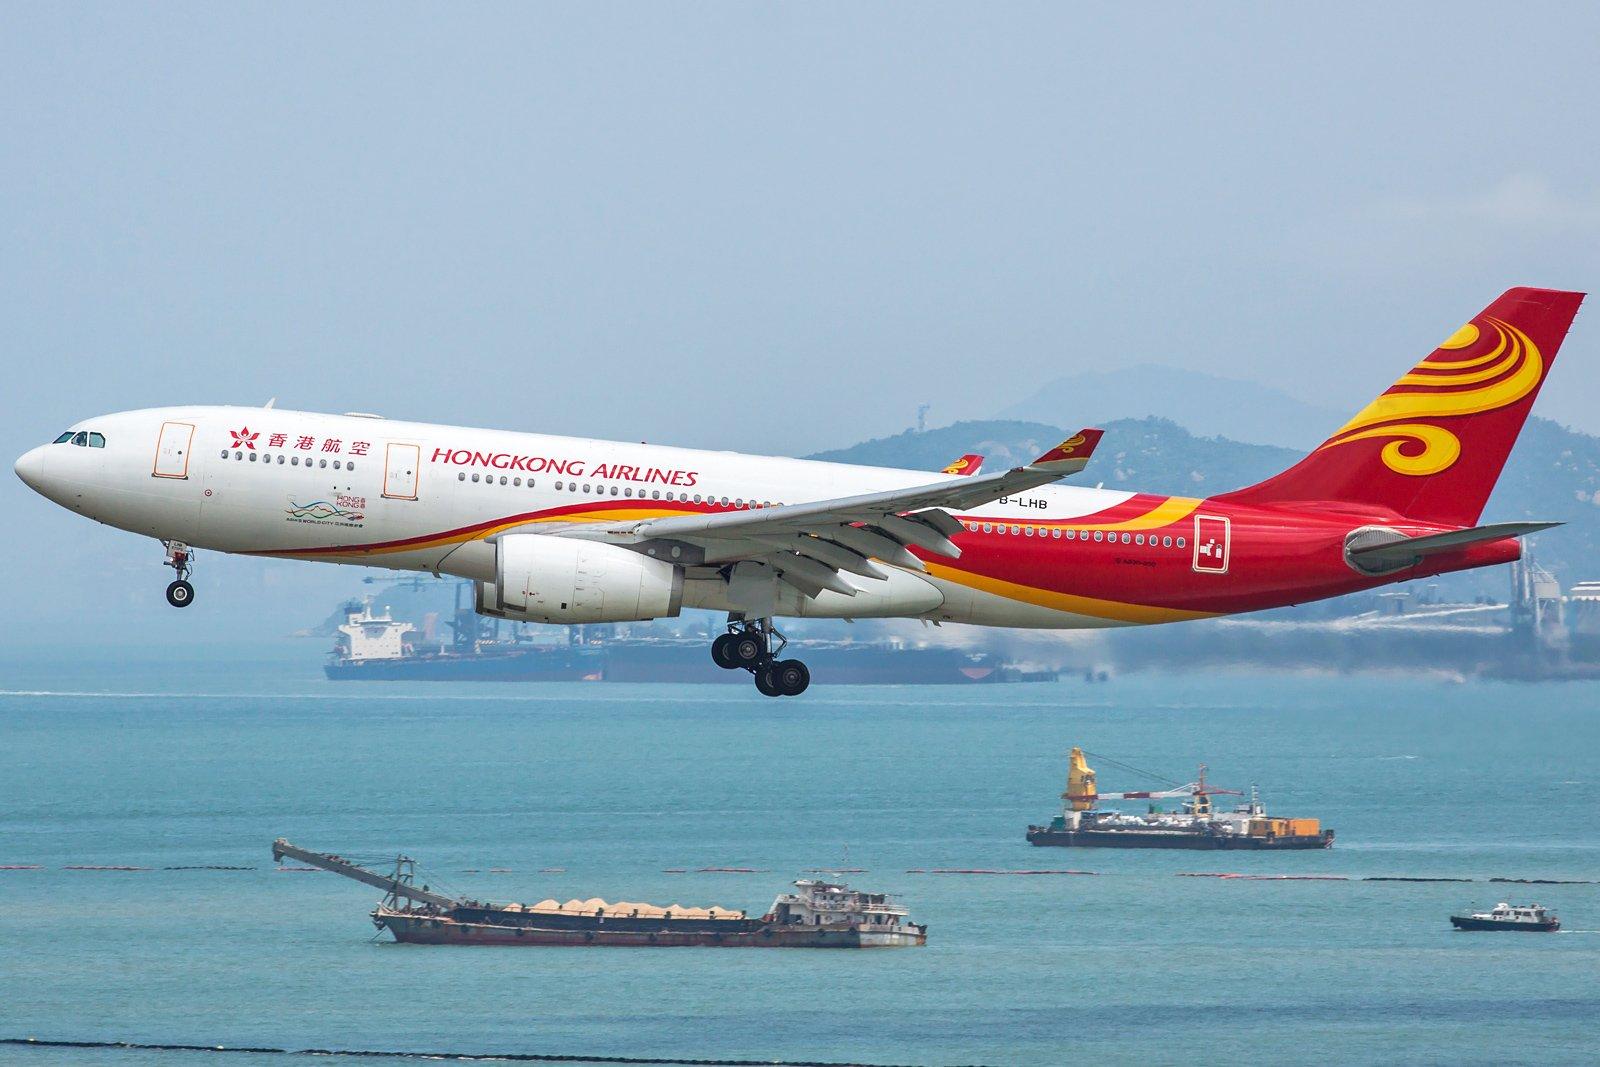 Hong Kong Airlines Airbus A330-243 B-LHB